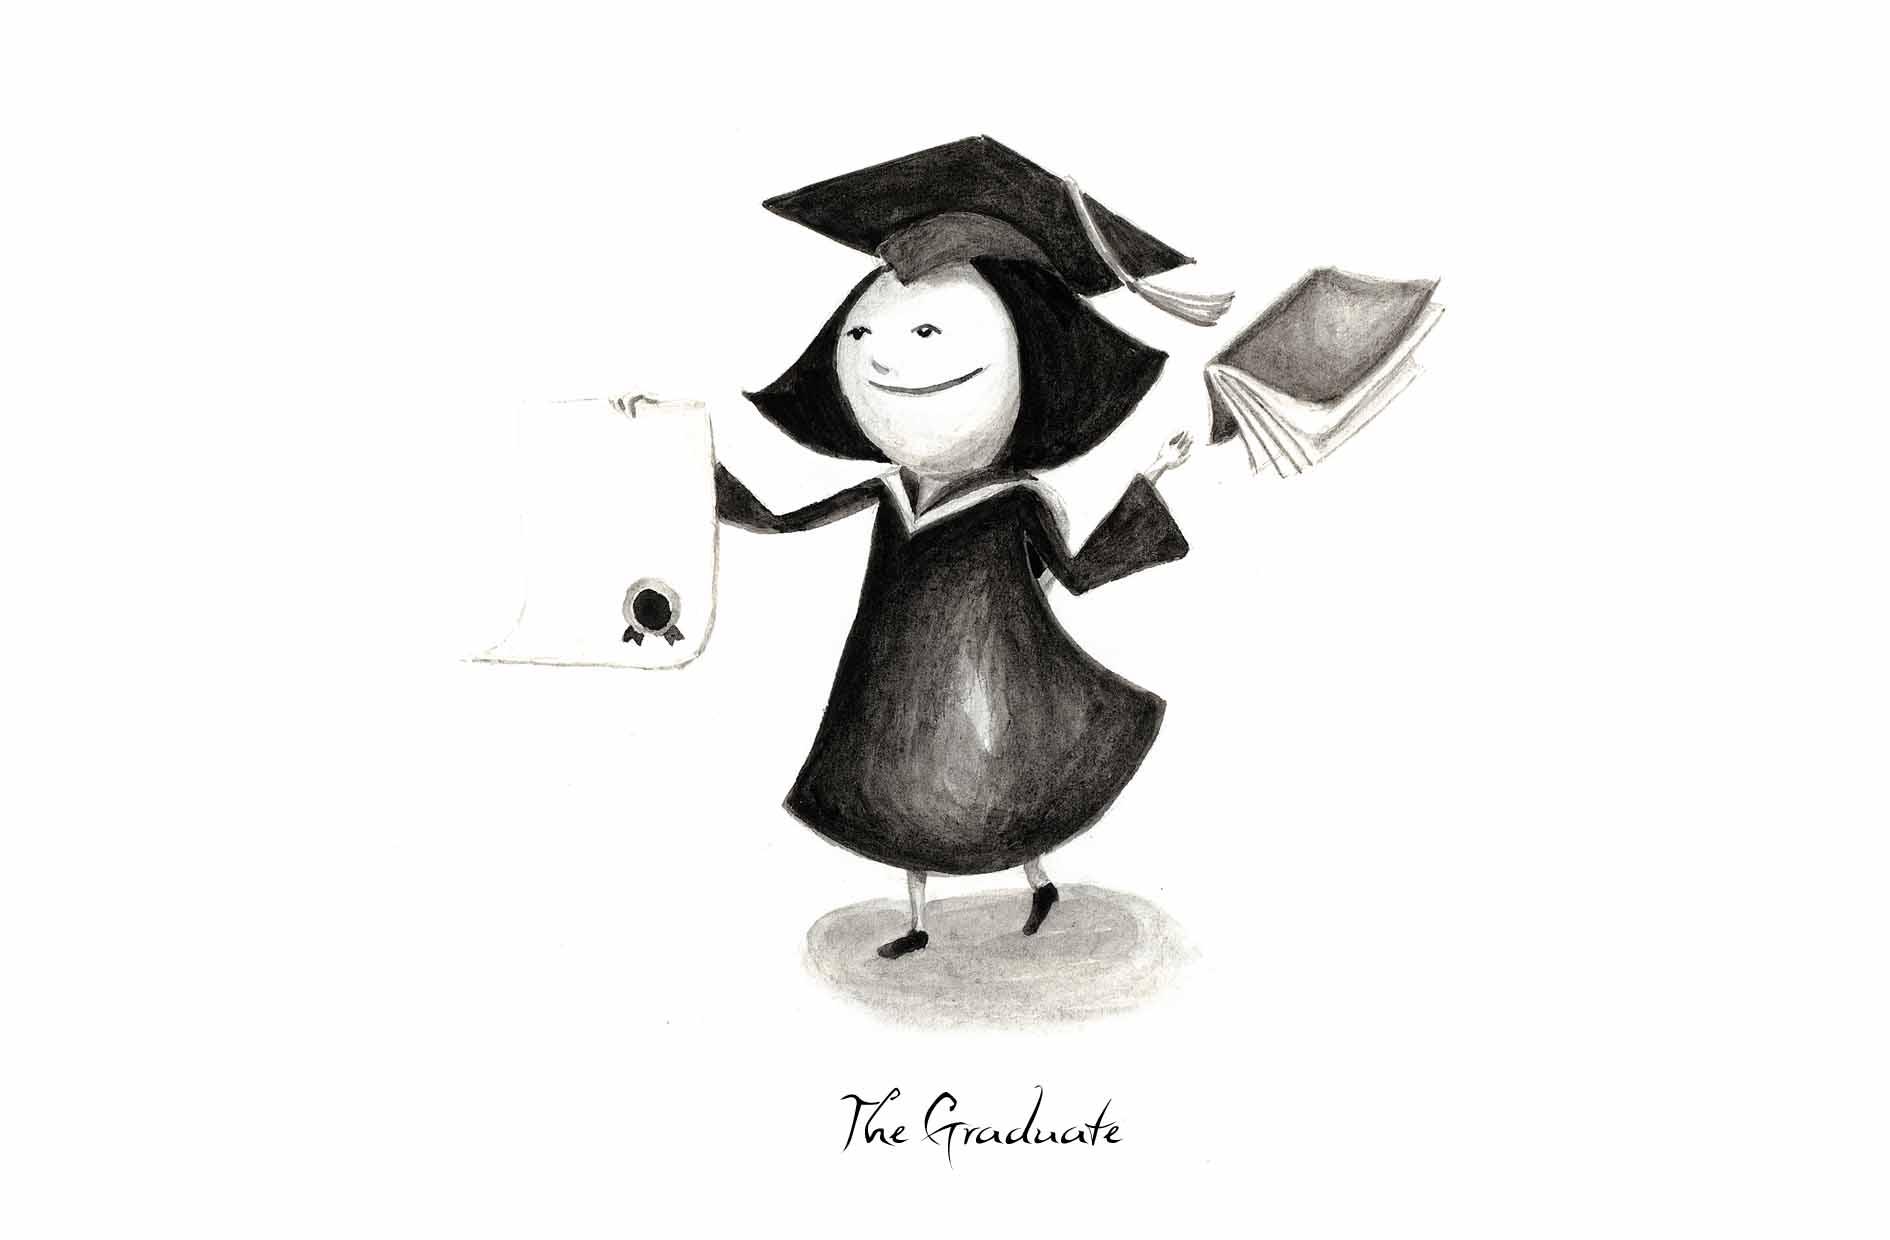 The Graduate_LR